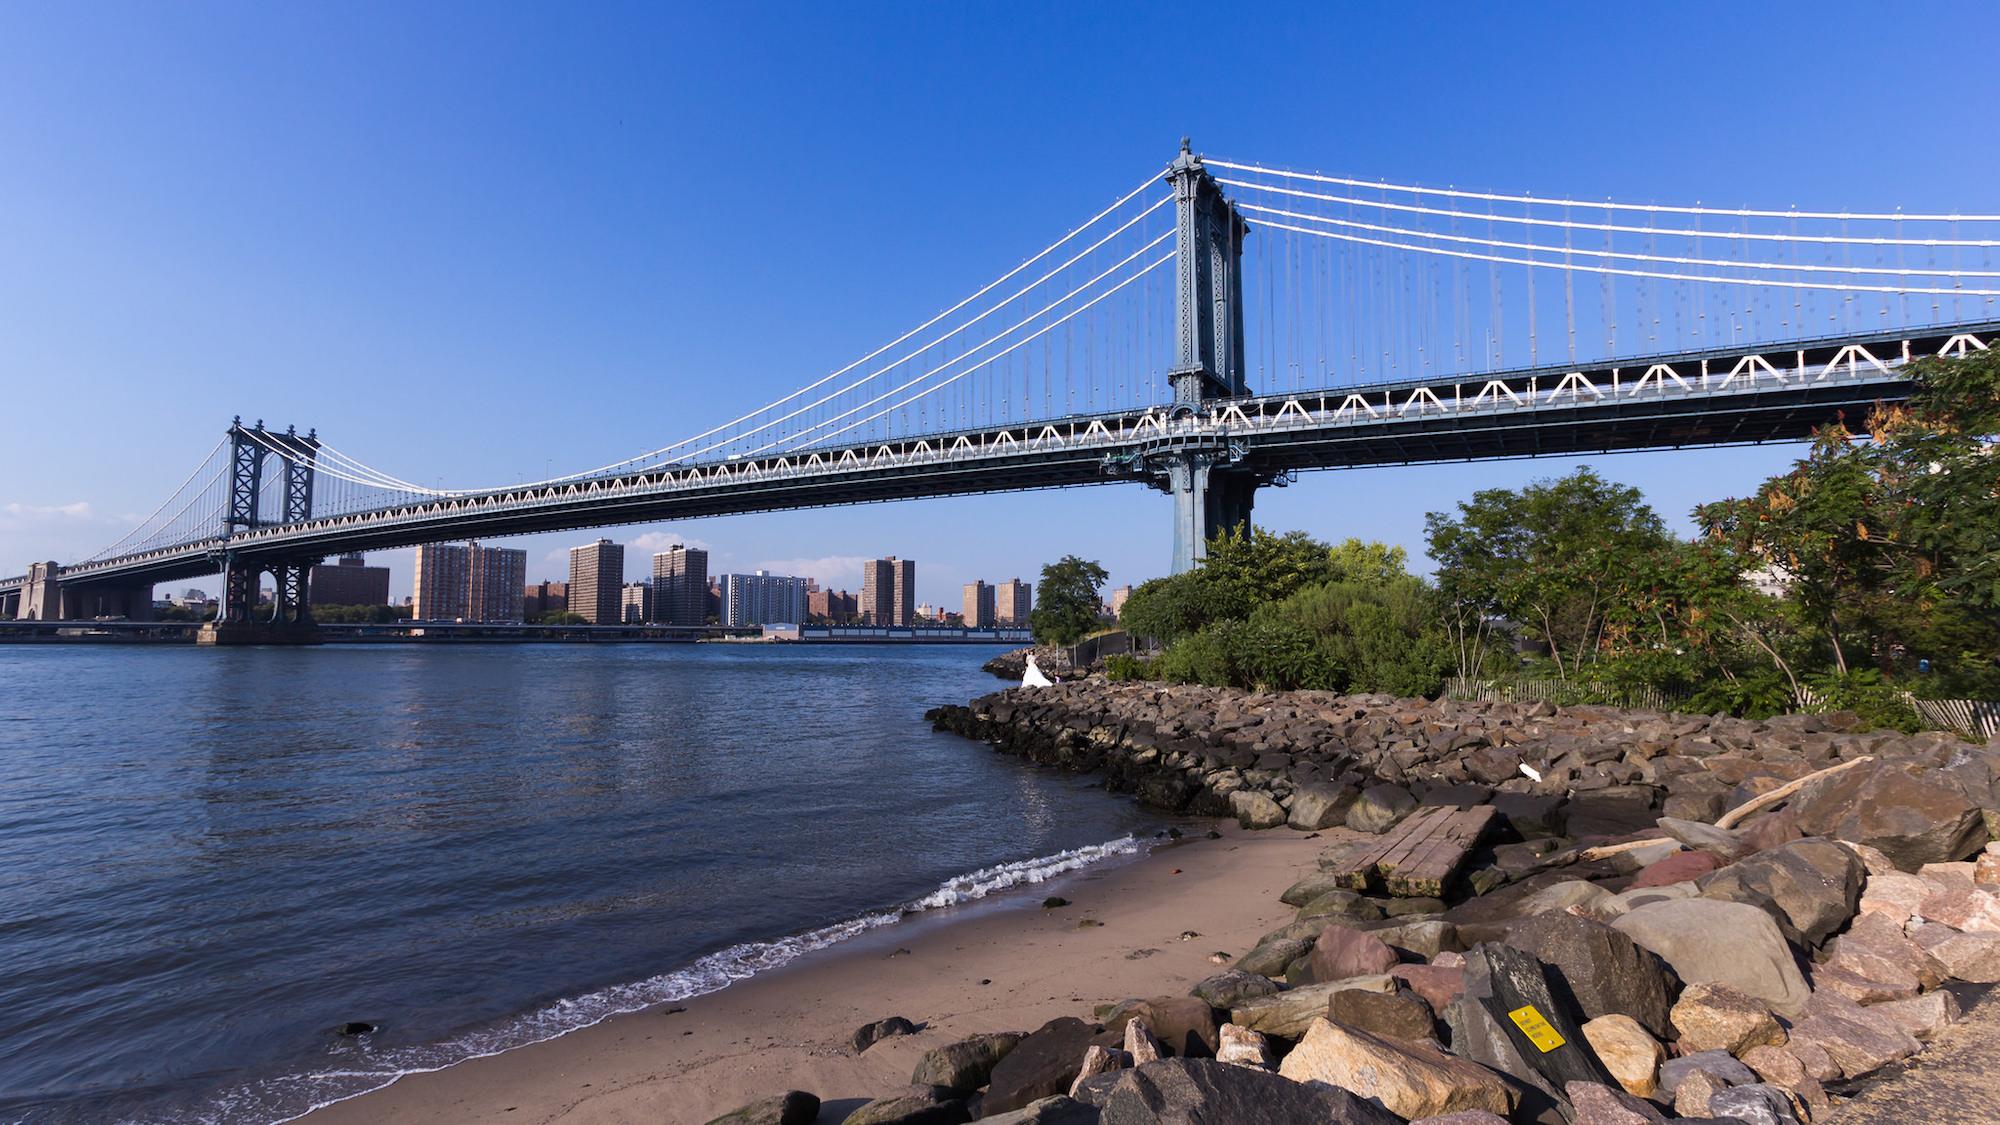 曼哈頓橋畔